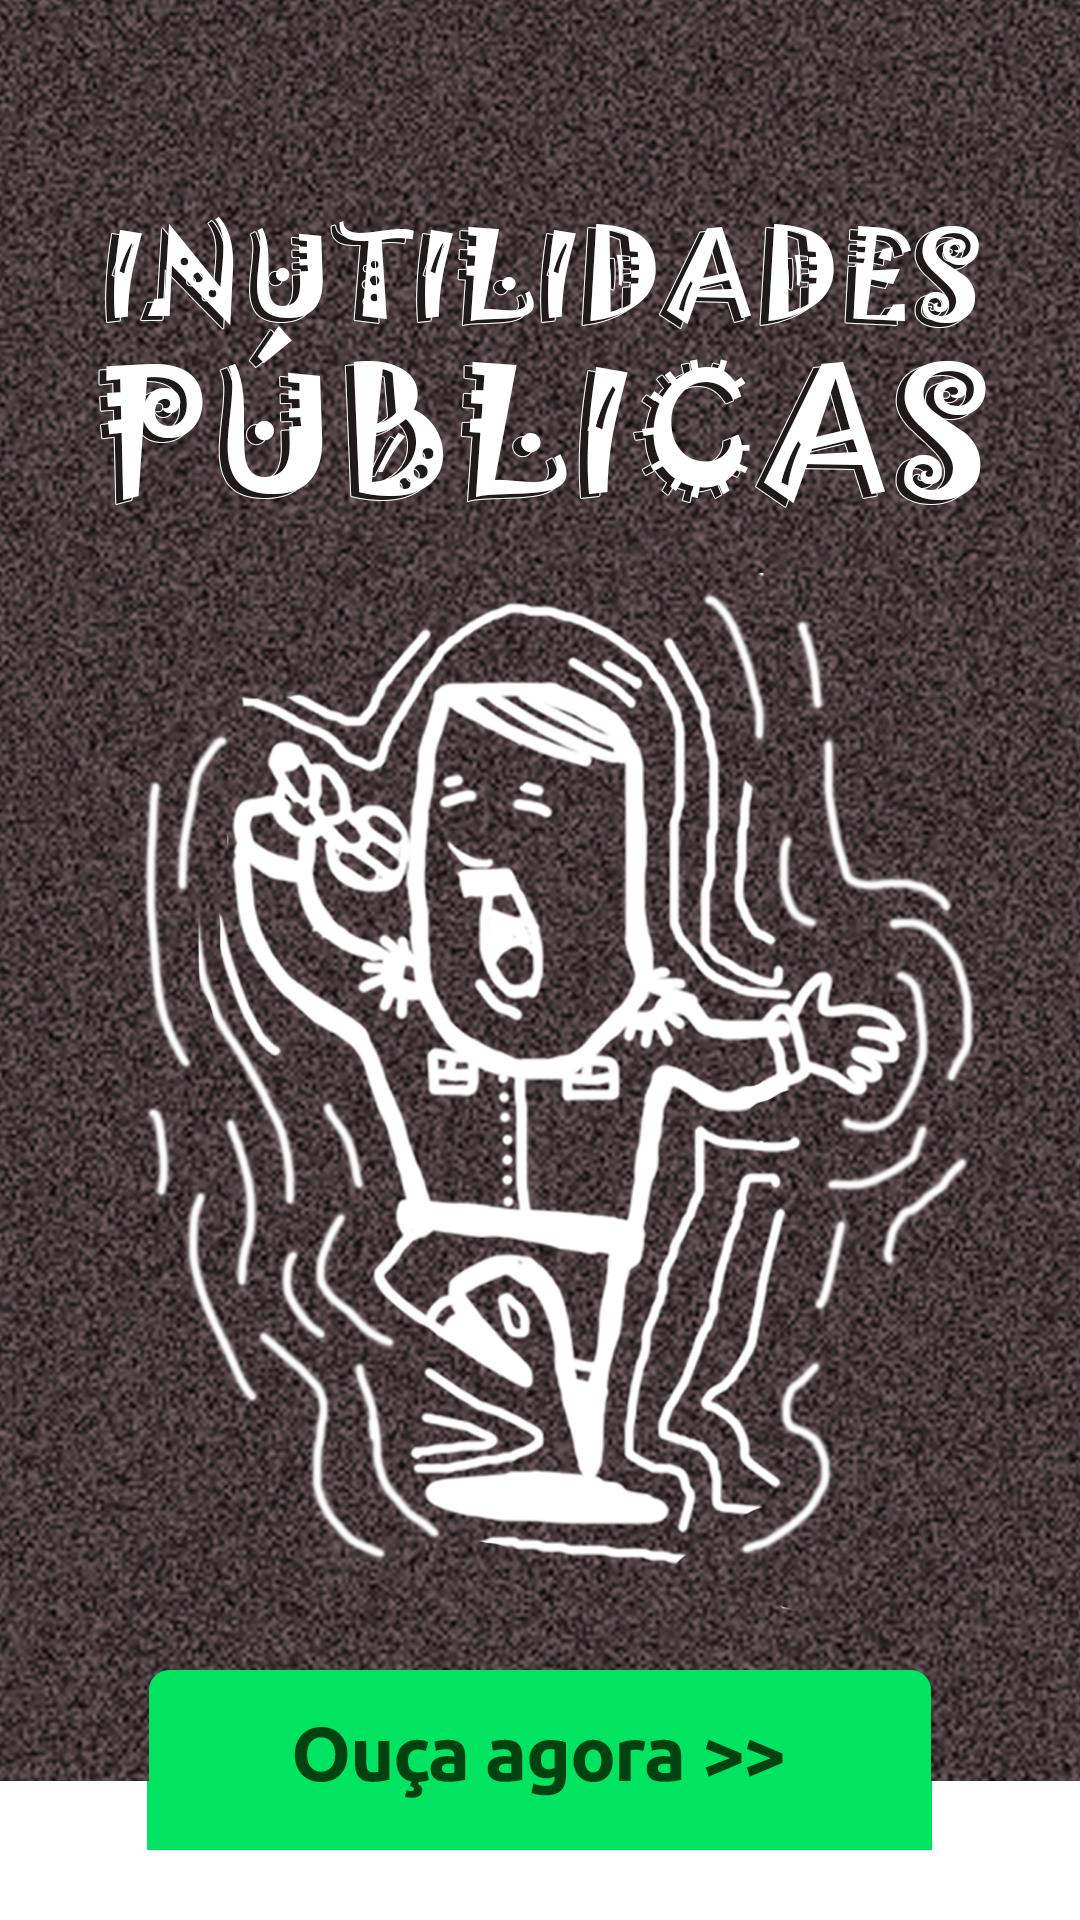 2021_08_14_green_comics_site_home_capas_podcast_inutilidades_publicas